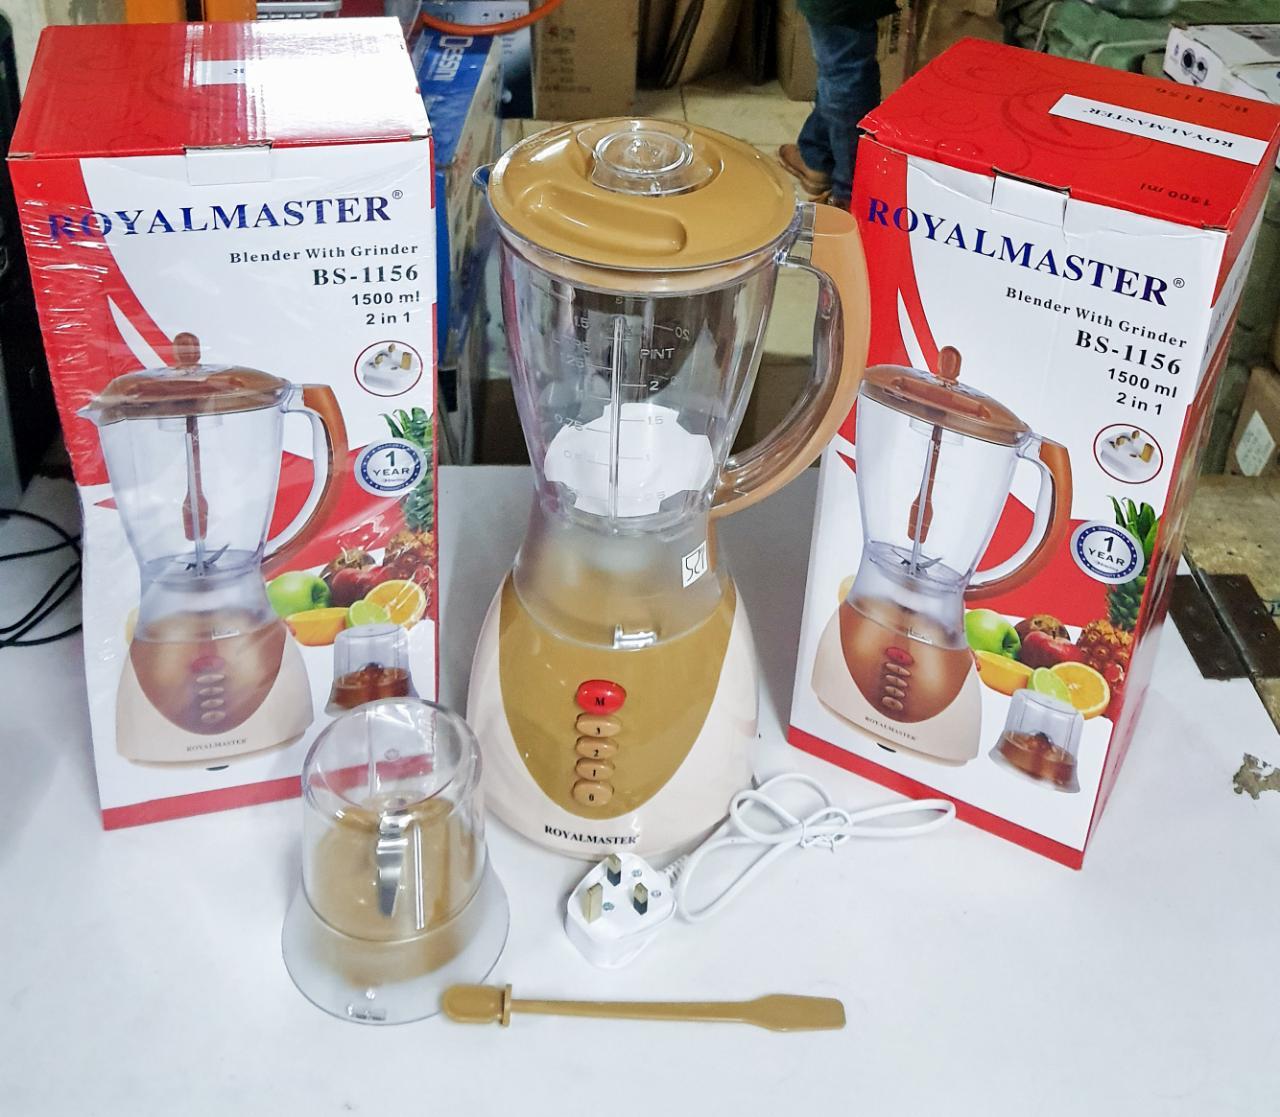 Royal master blender 2 in 1 with  grinder